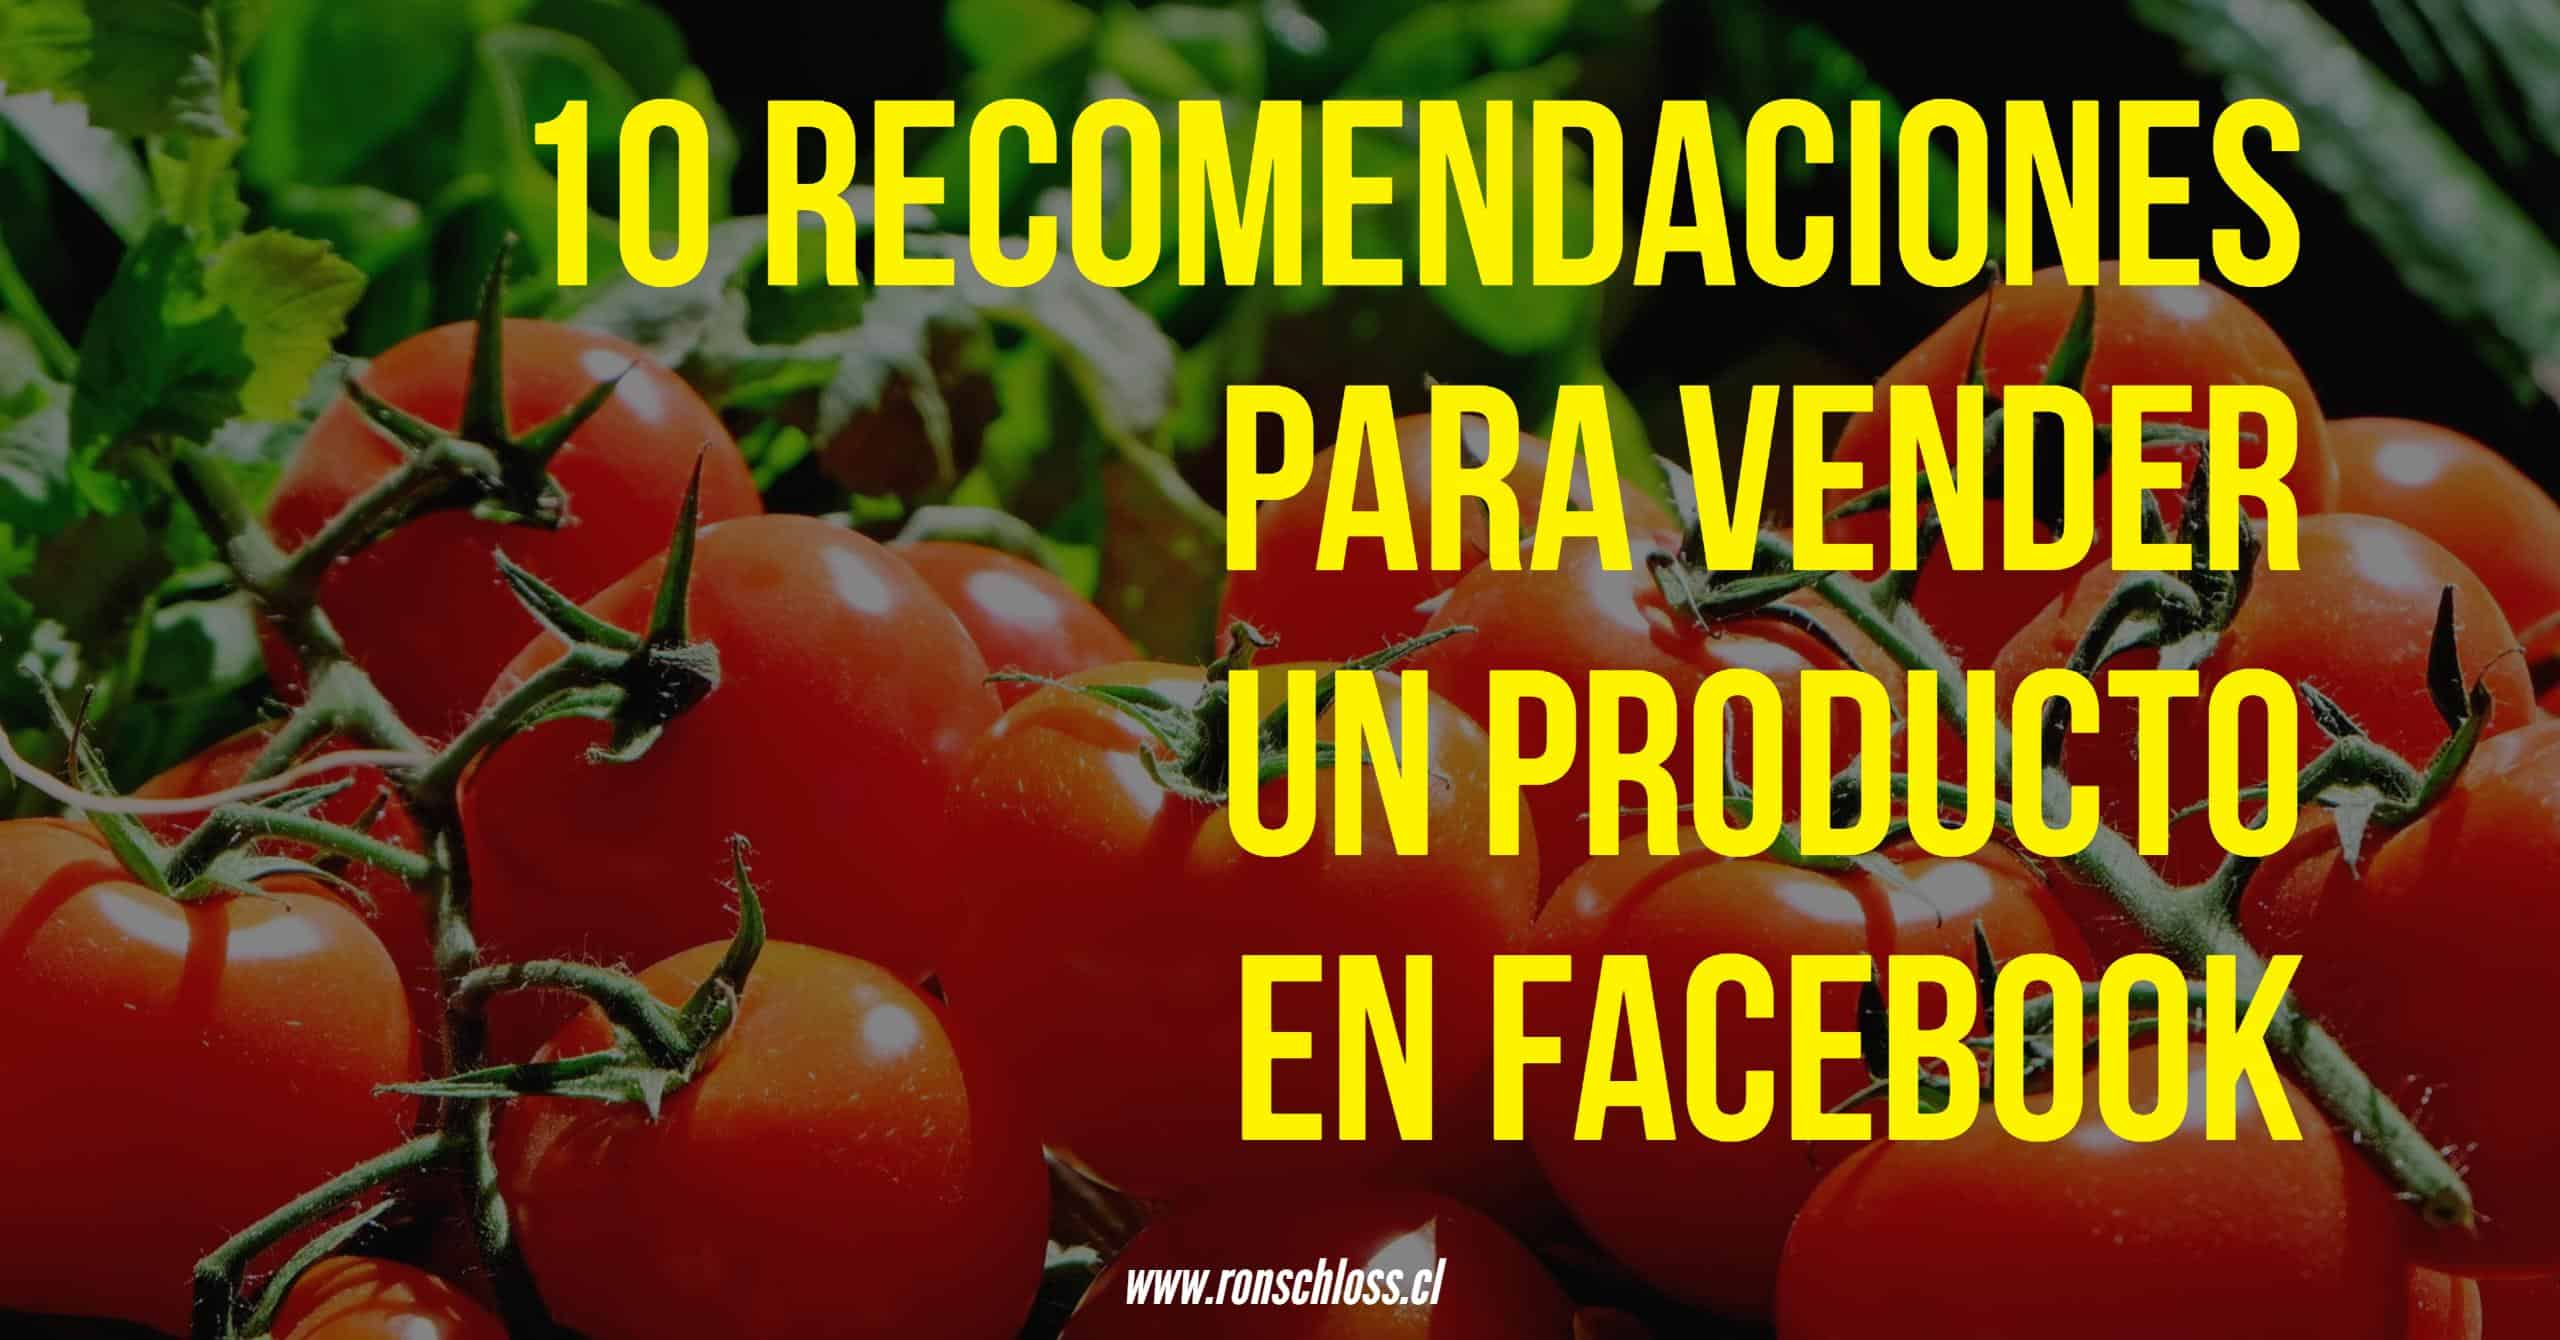 10 recomendaciones para vender tus productos en Facebook